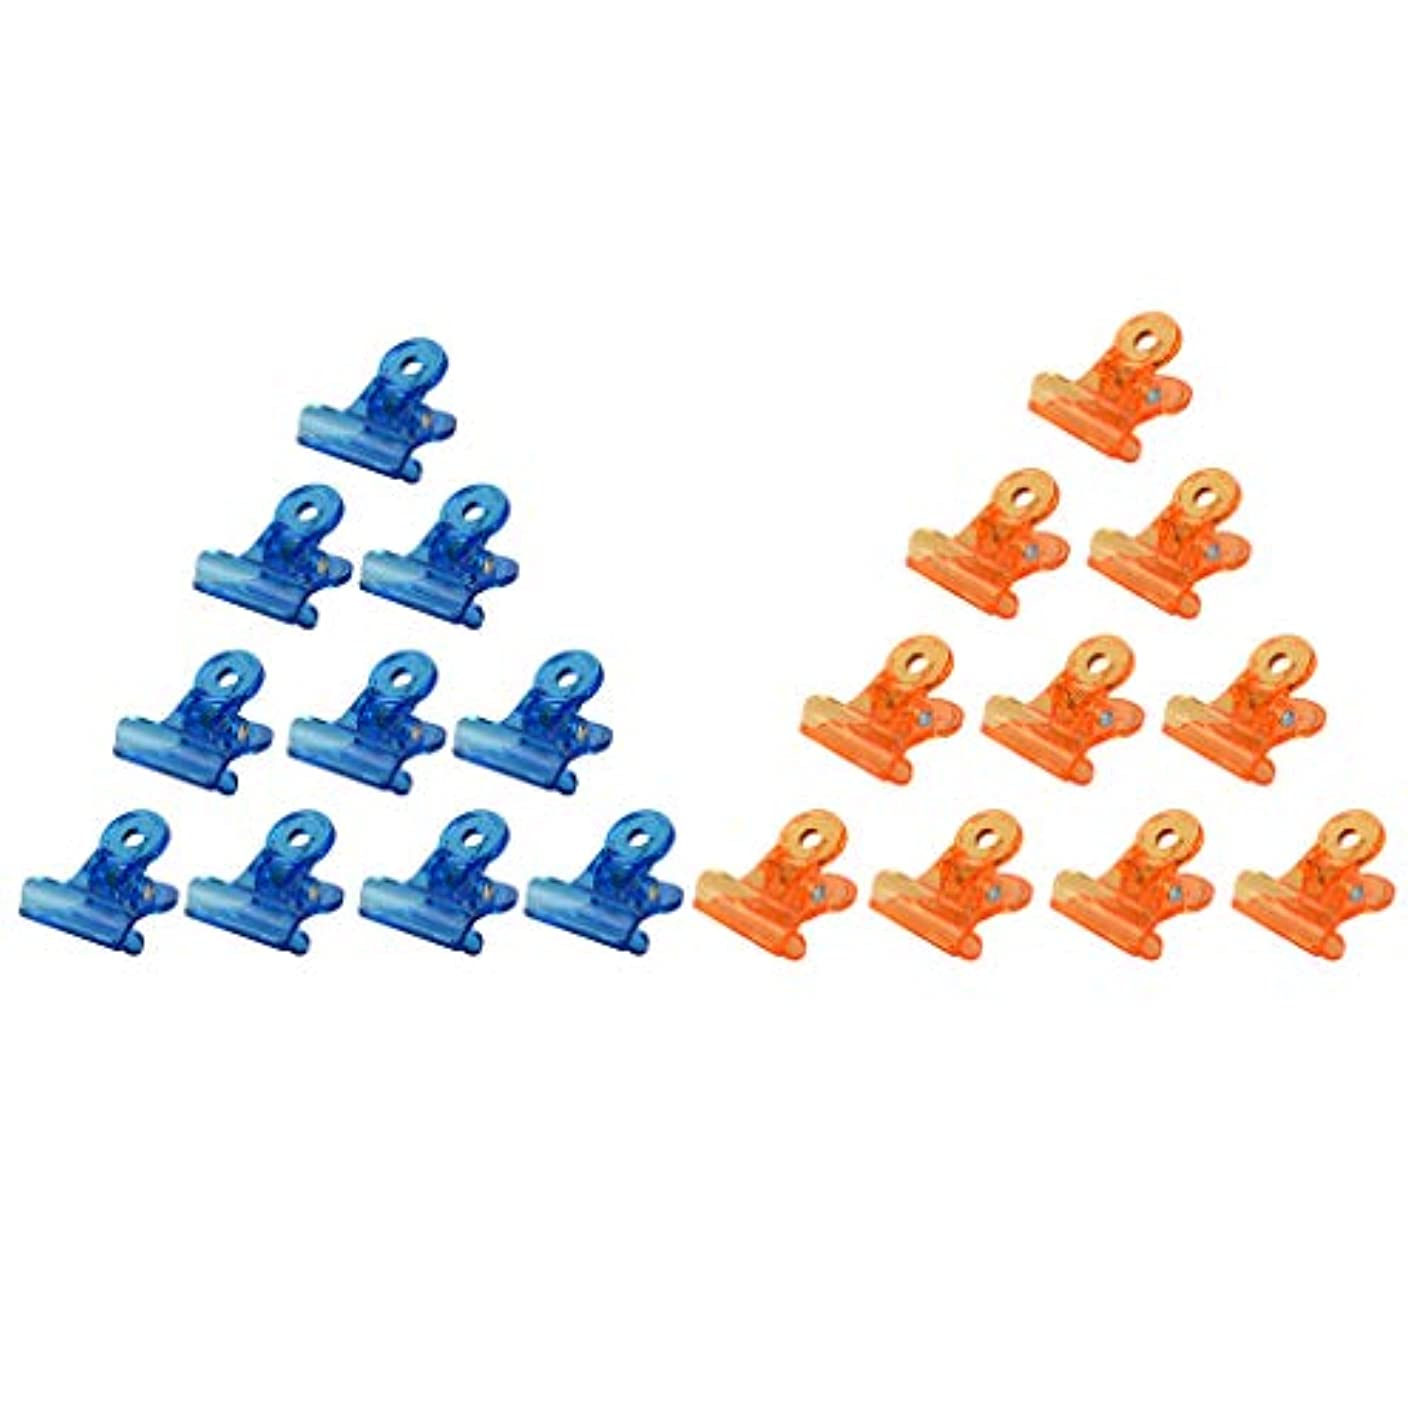 雪の混合失態CUTICATE ネイルクリップ ネイルアート ジェルネイルポリッシュ クリーナー ネイルツール ネイルクリップ 全3種 - オレンジ+ブルー